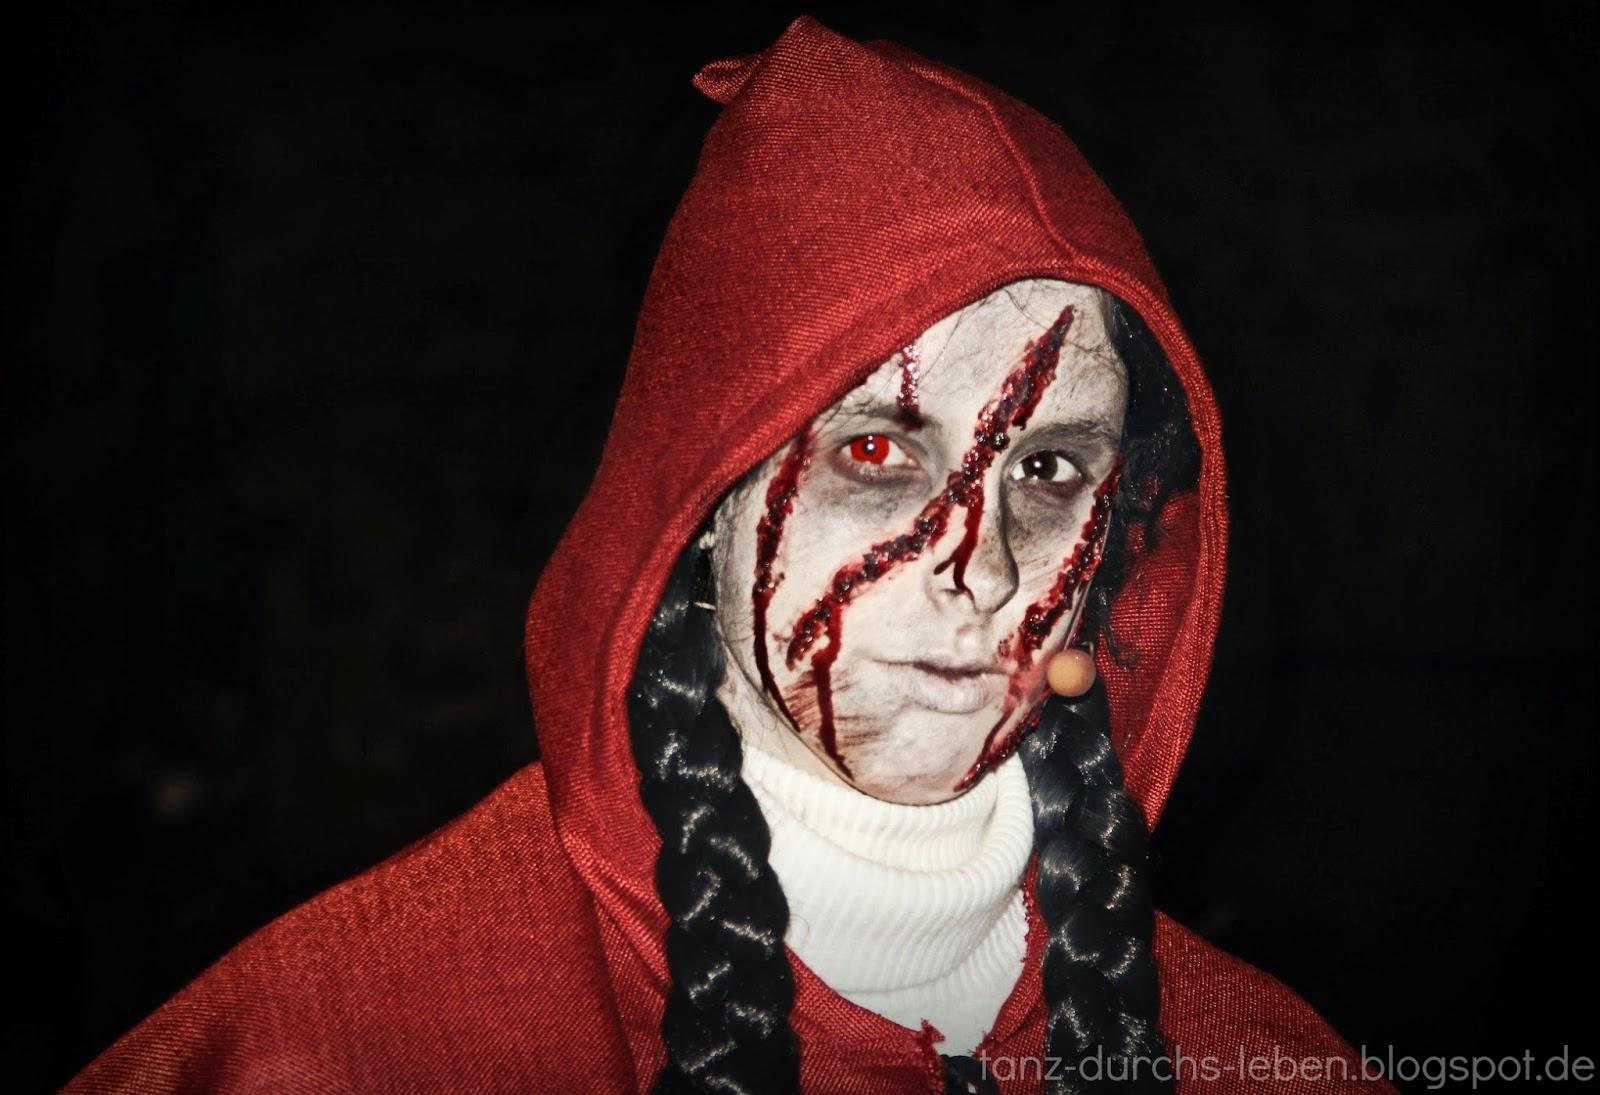 Mein Tanz durchs Leben: Halloween auf Burg Frankenstein